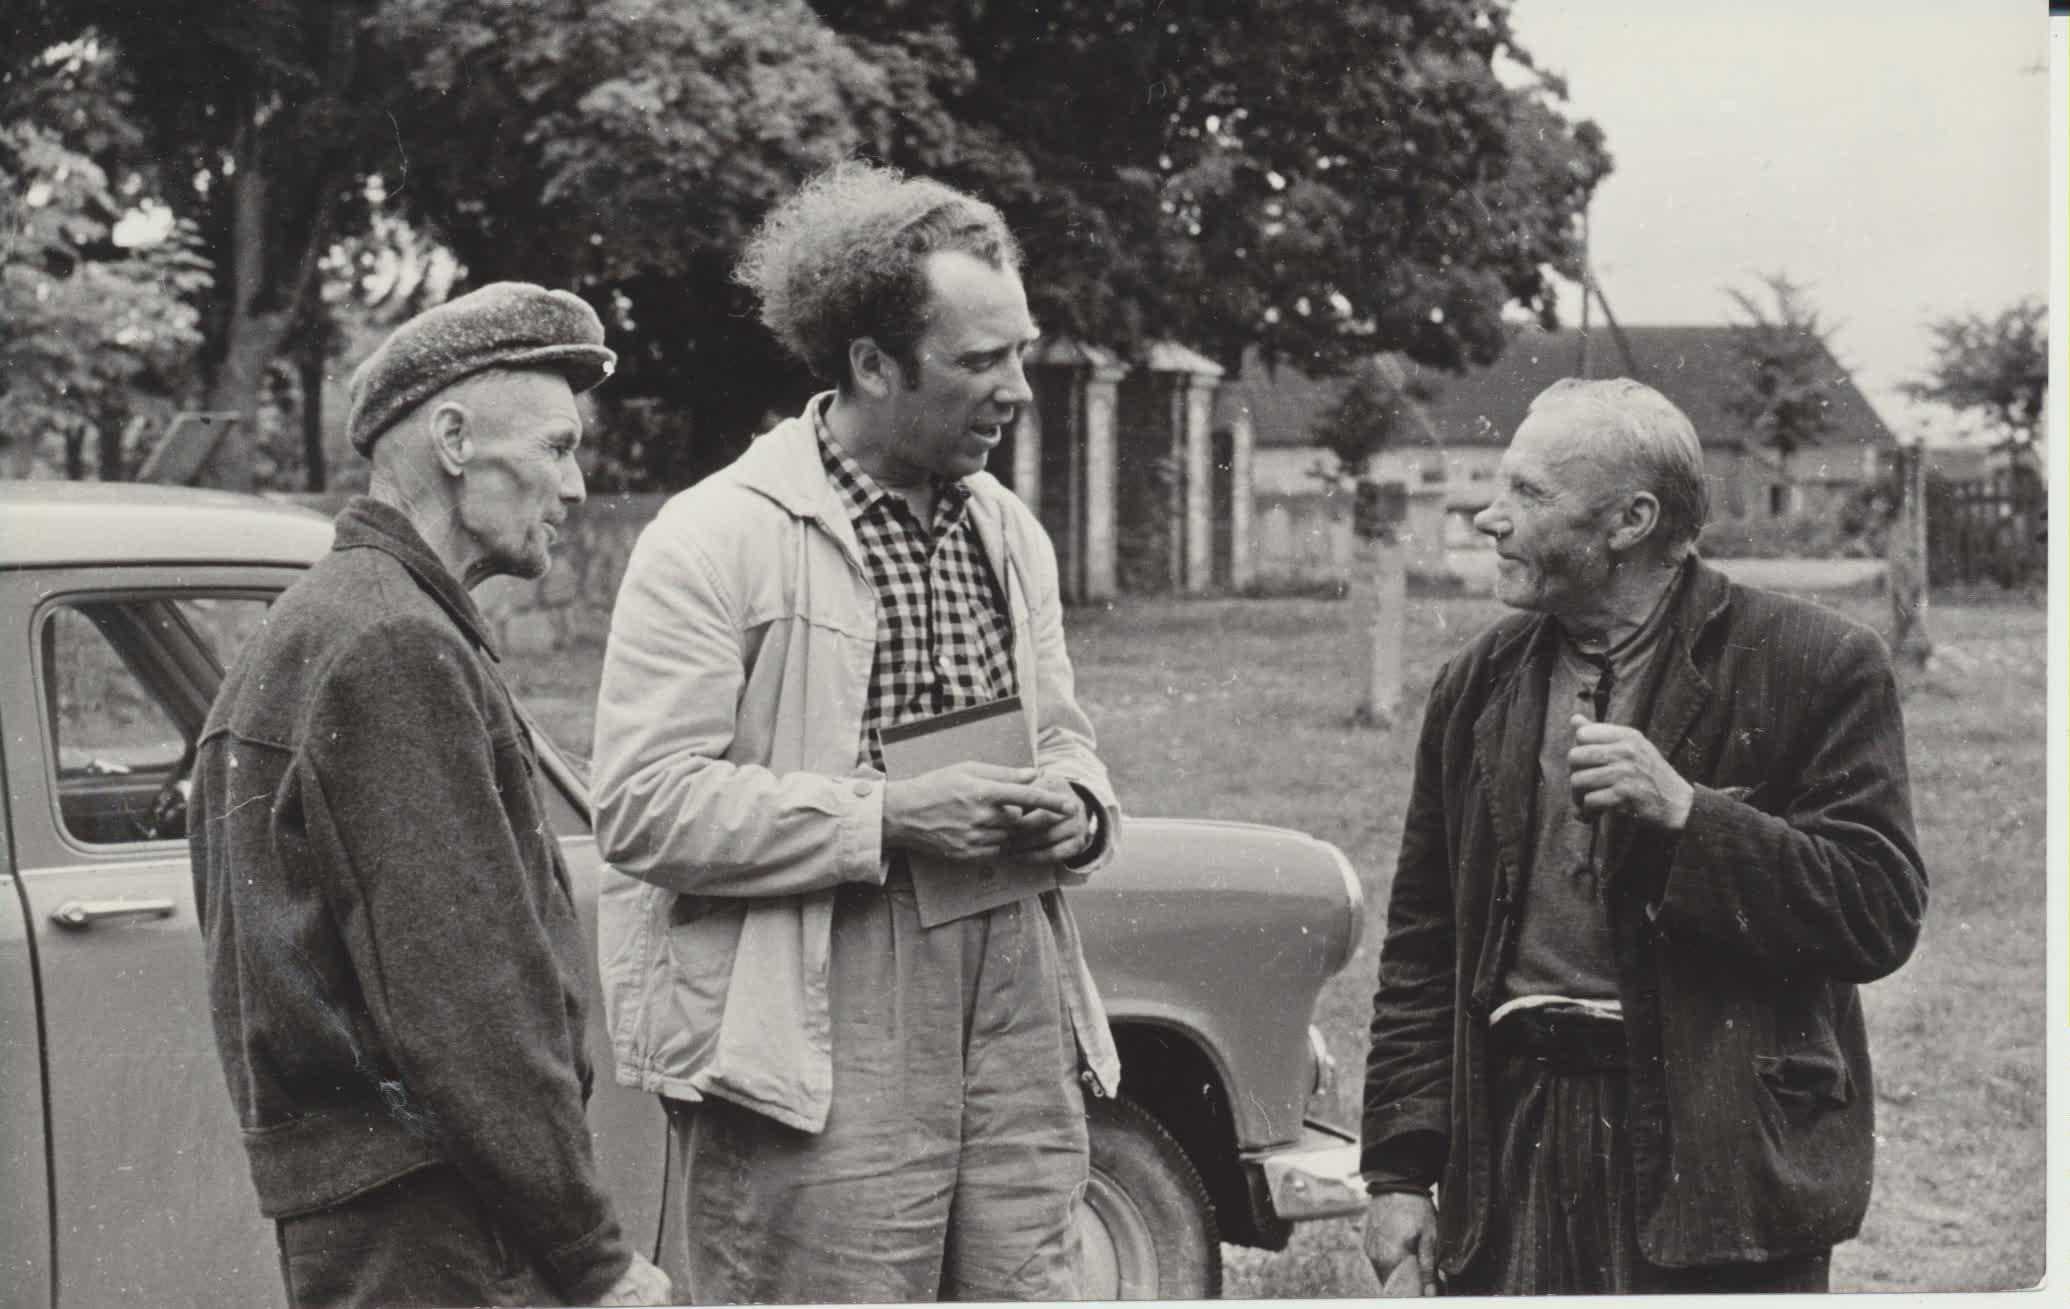 """V. Reimeris  kalbasi su būsimos apybraižų  knygos """"Lietuva – broliška žemė"""" būsimais herojų prototipais. Apie 1960 m. N. Kočnevo nuotrauka"""